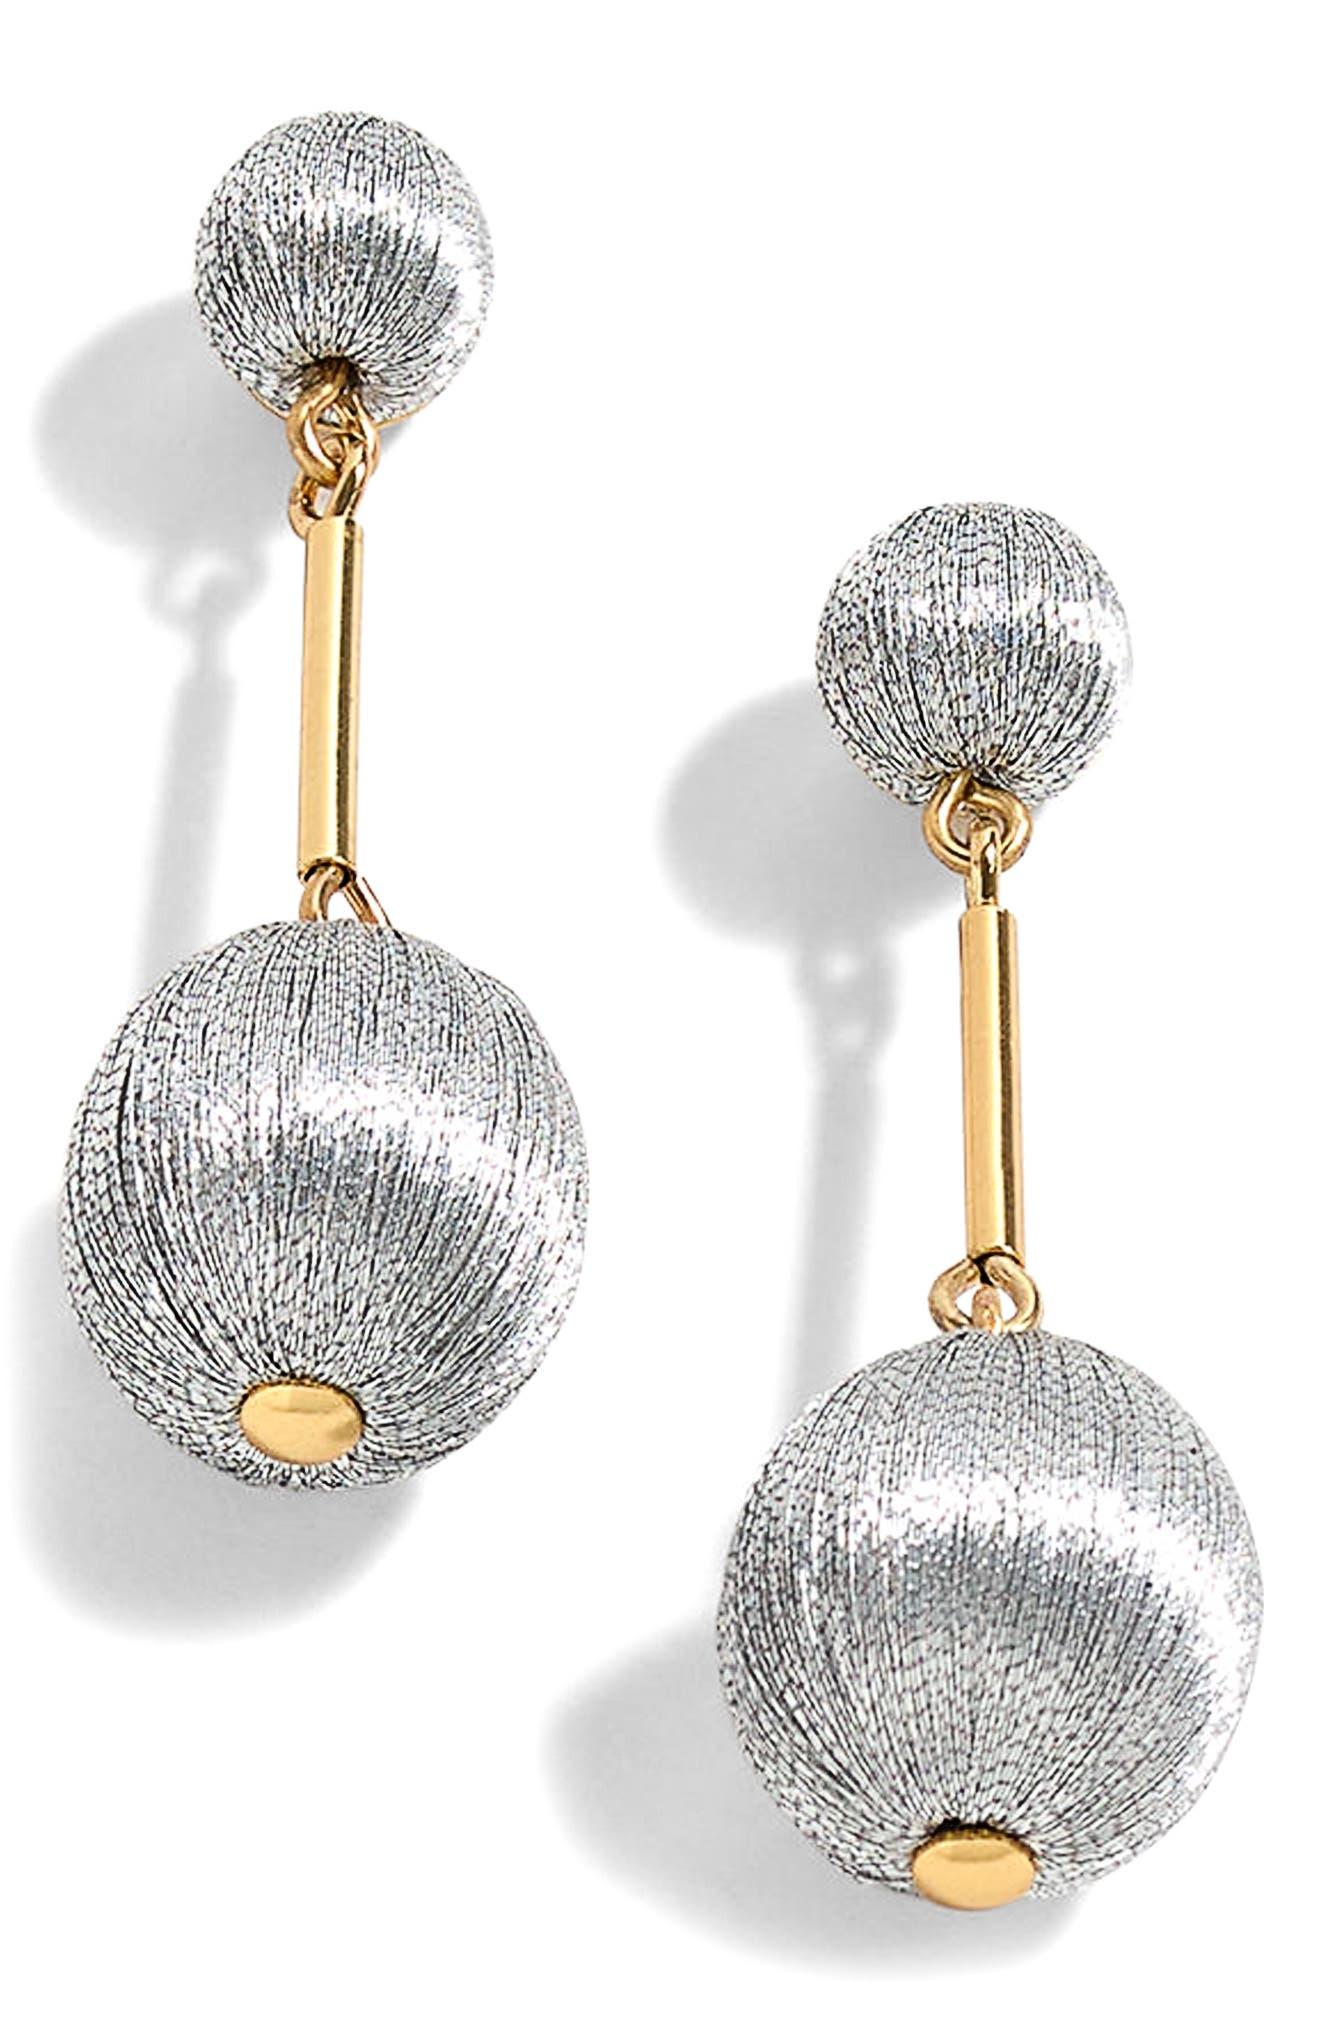 Alternate Image 1 Selected - J.Crew Thread Ball Swing Earrings